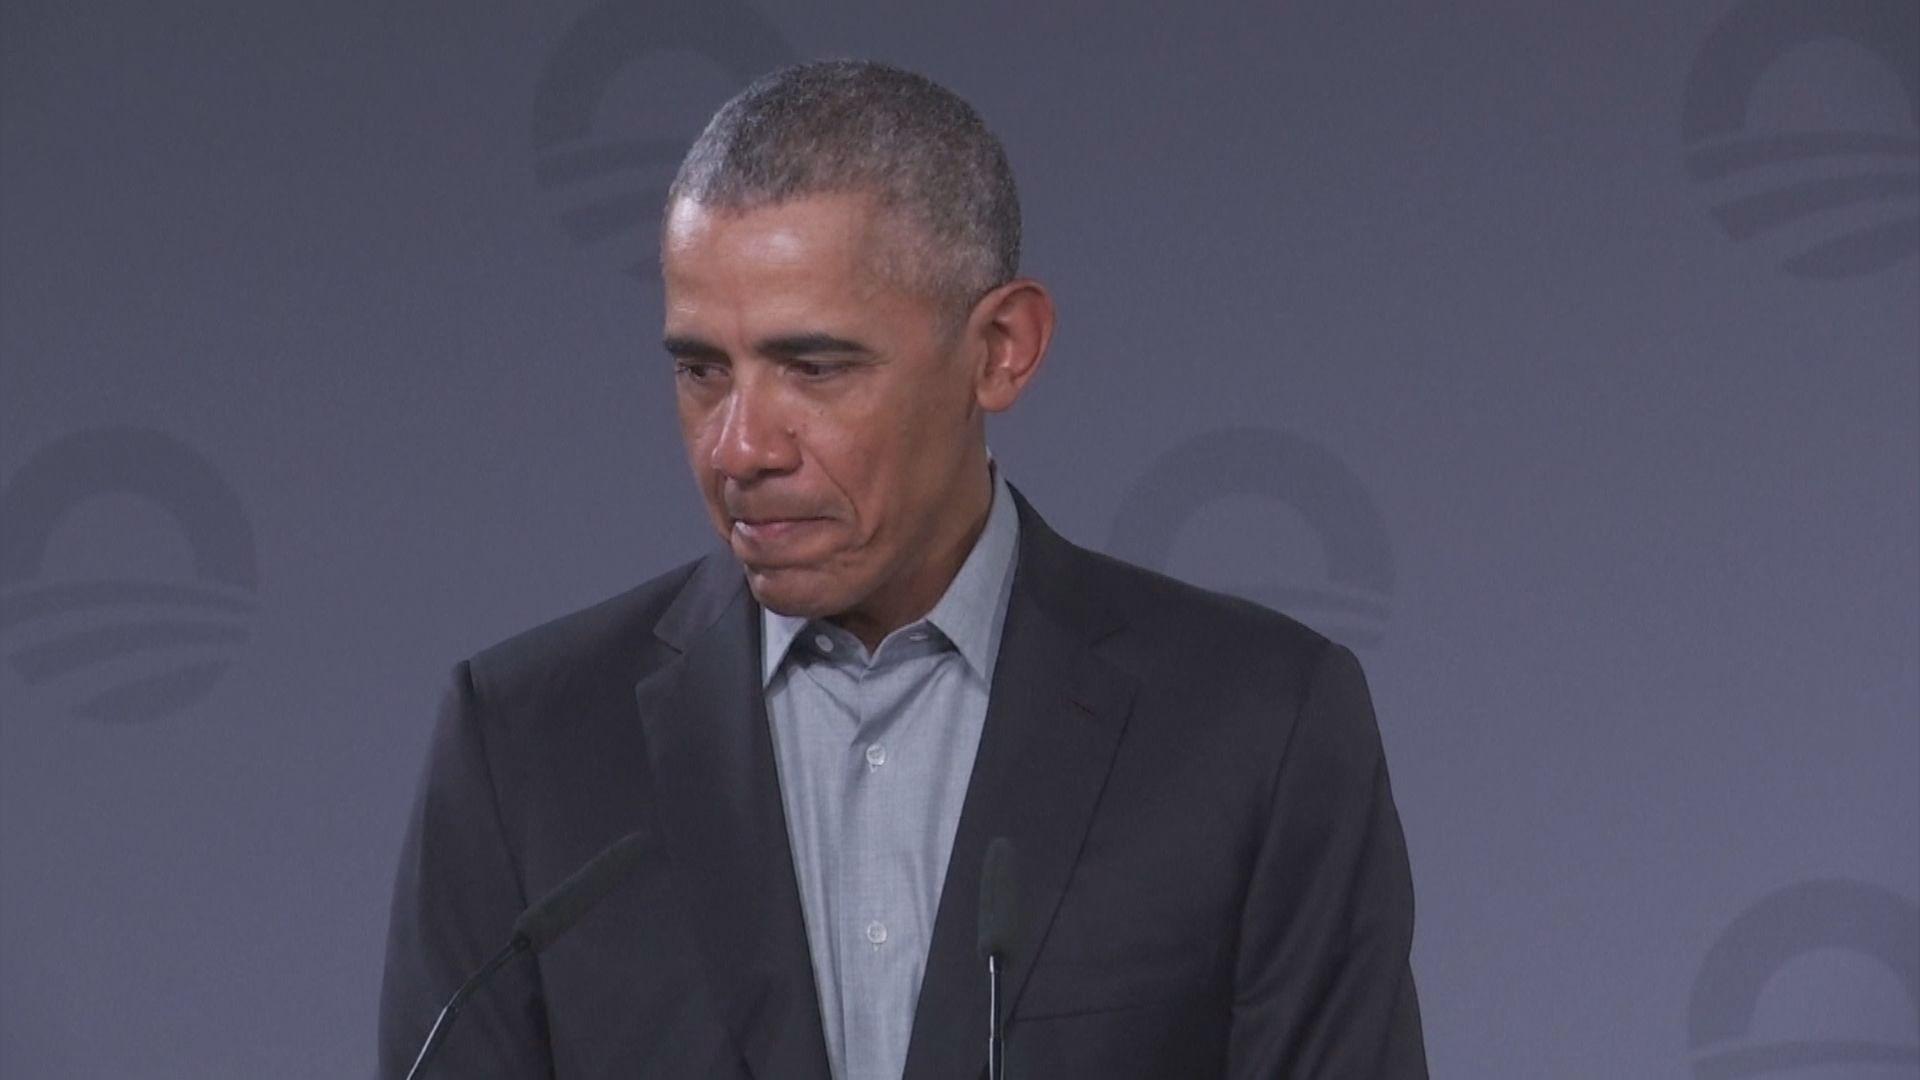 奧巴馬公開呼籲民主黨參選人勿太左傾